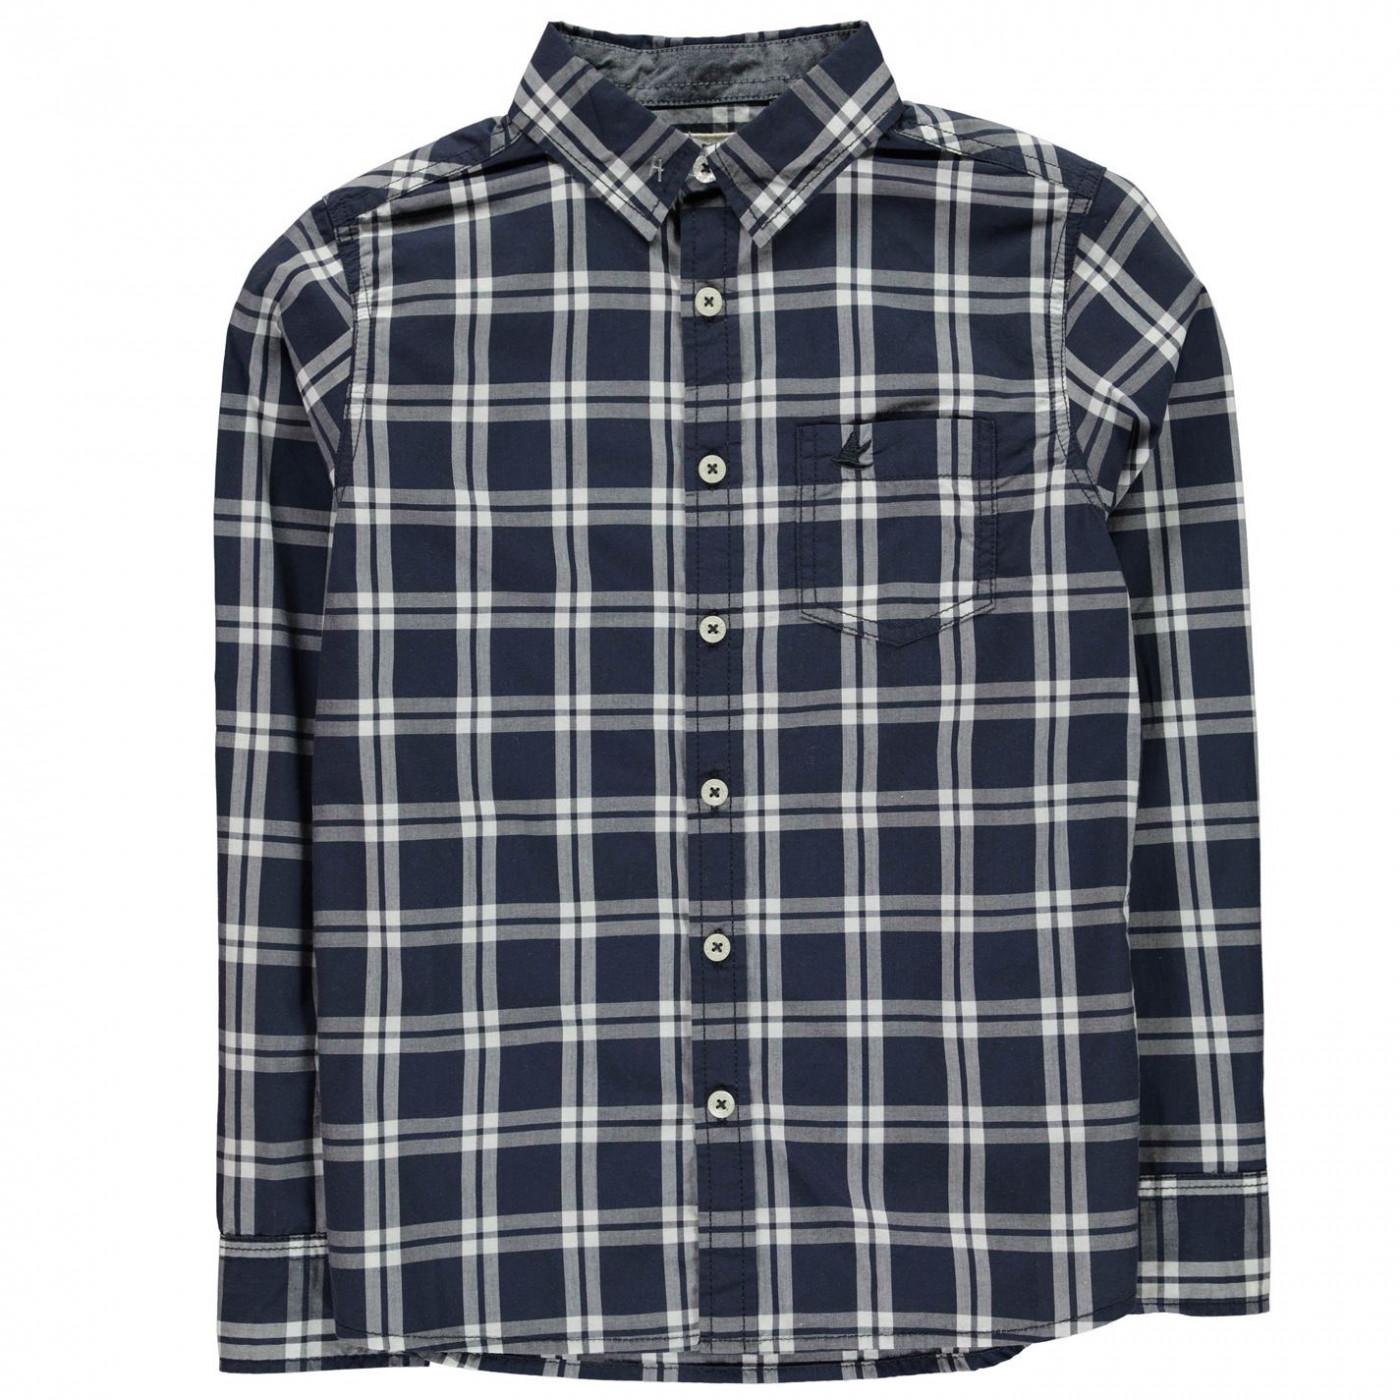 b61c1bb4c SoulCal Long Sleeve Check Shirt Junior Boys - FACTCOOL